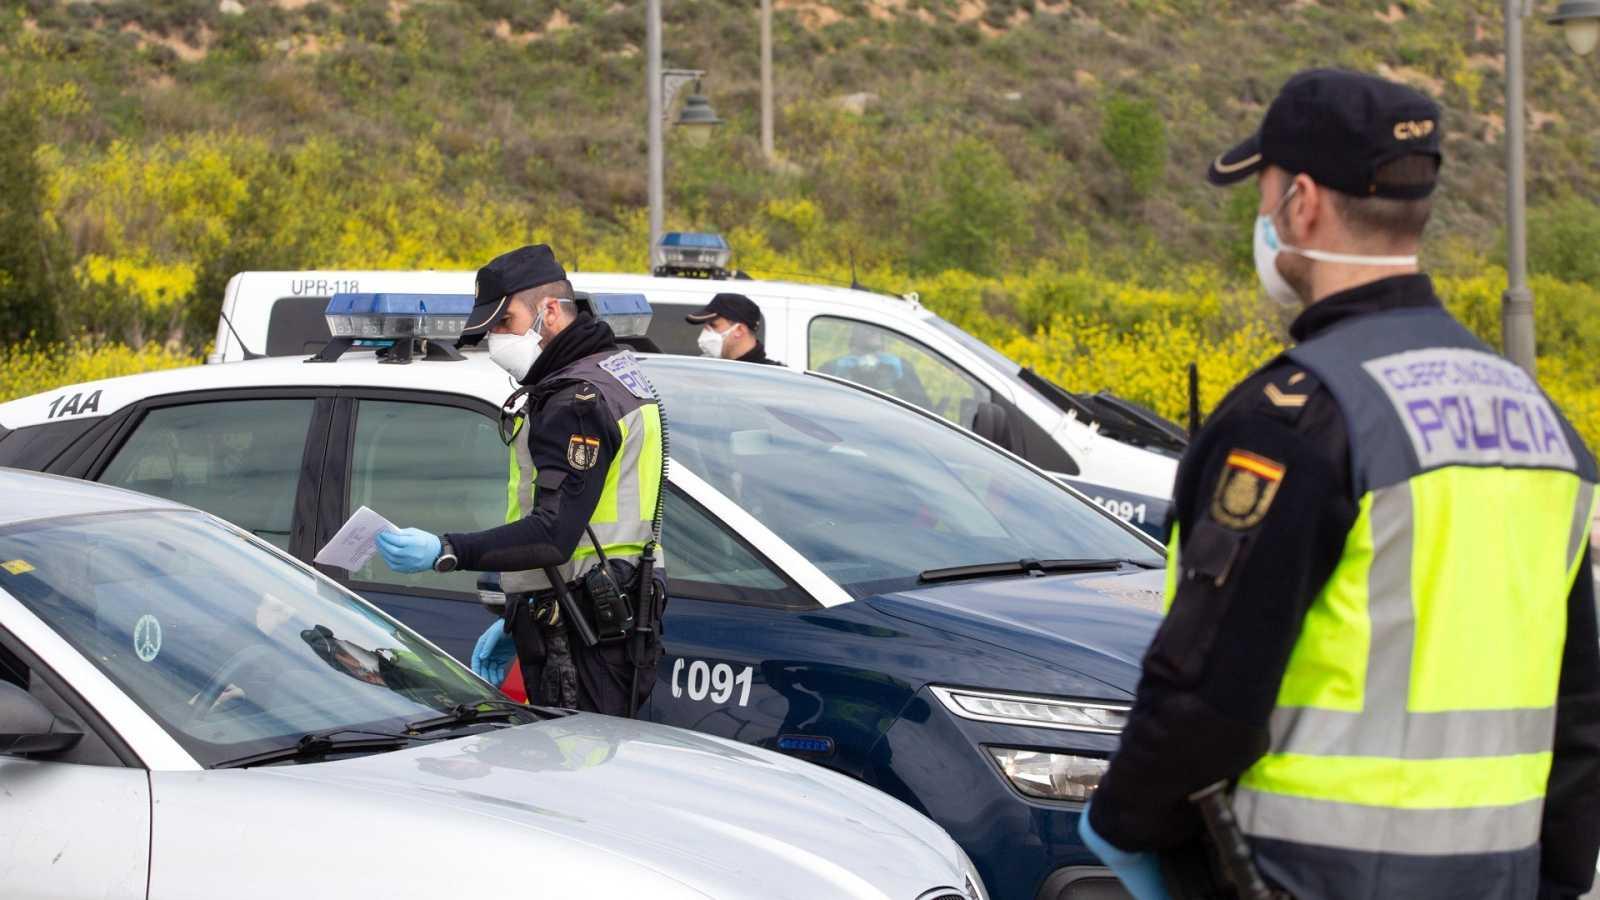 La policía pide los papeles a un conductor en Logroño, este viernes durante la segunda semana de aislamiento para frenar el coronavirus.